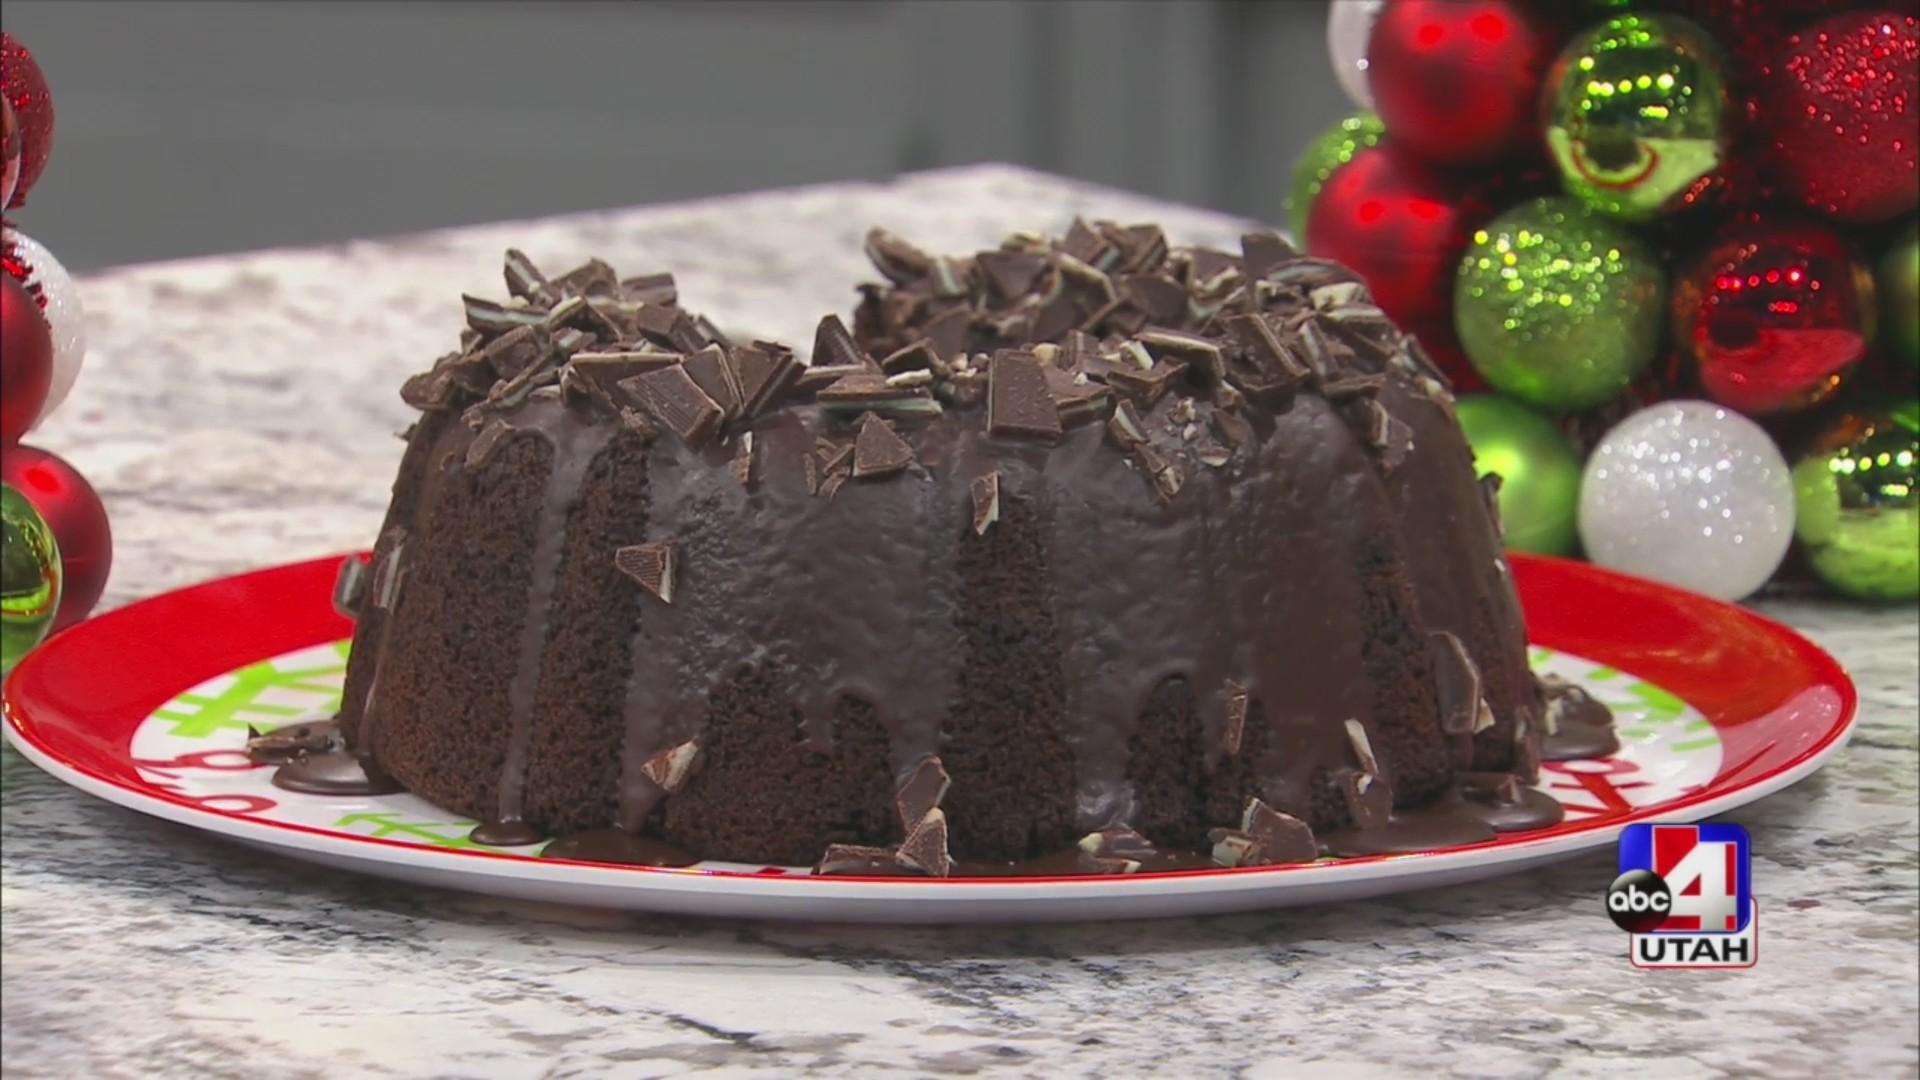 Andes Mint Bundt Cake